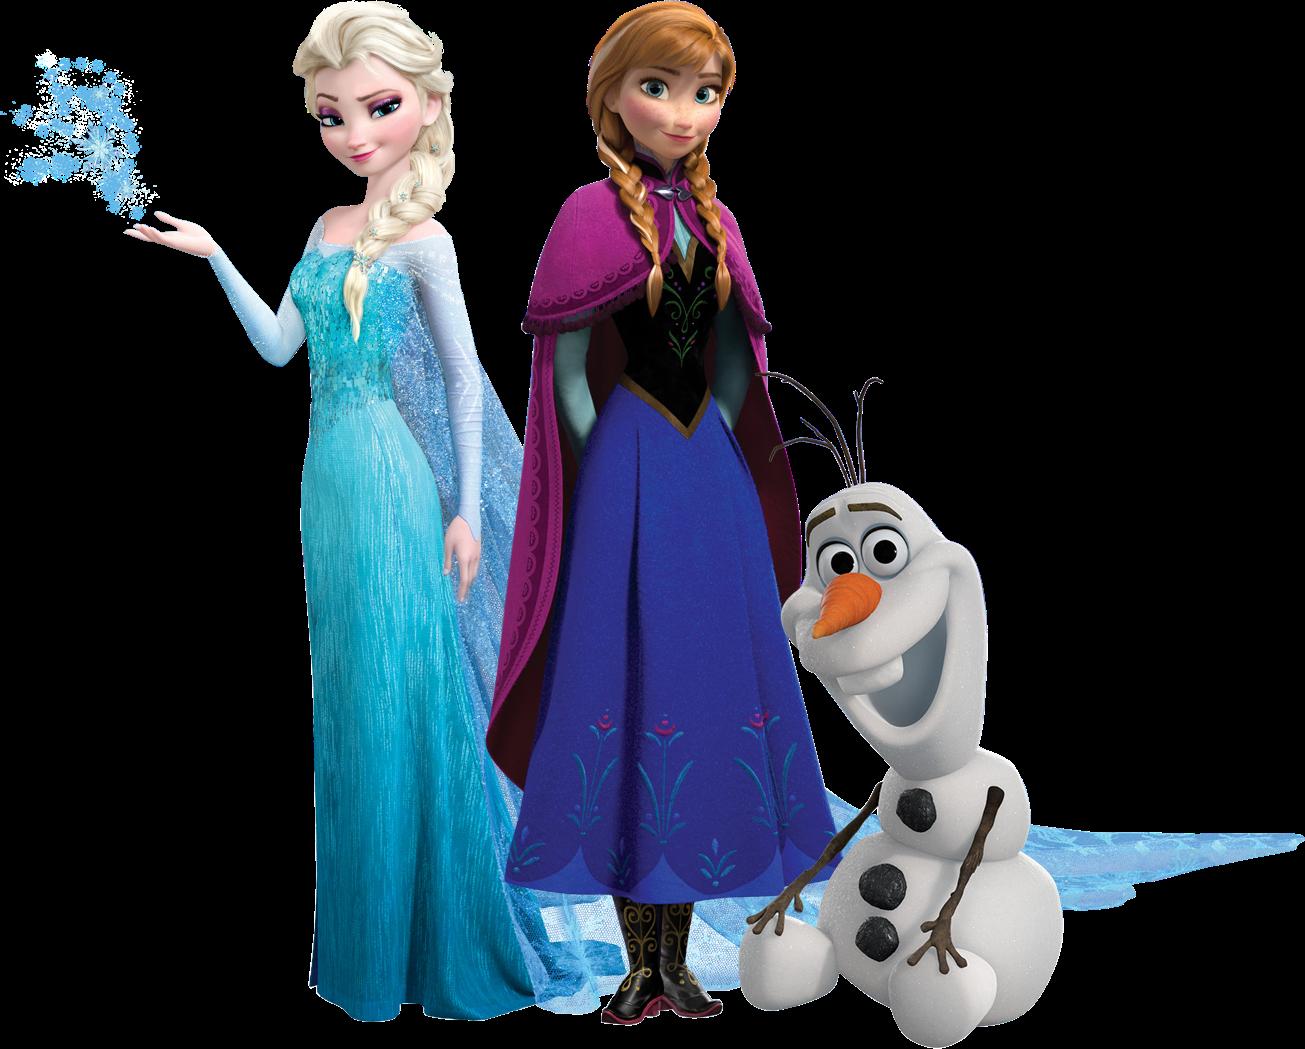 Free Frozen Clip Art: December 2014